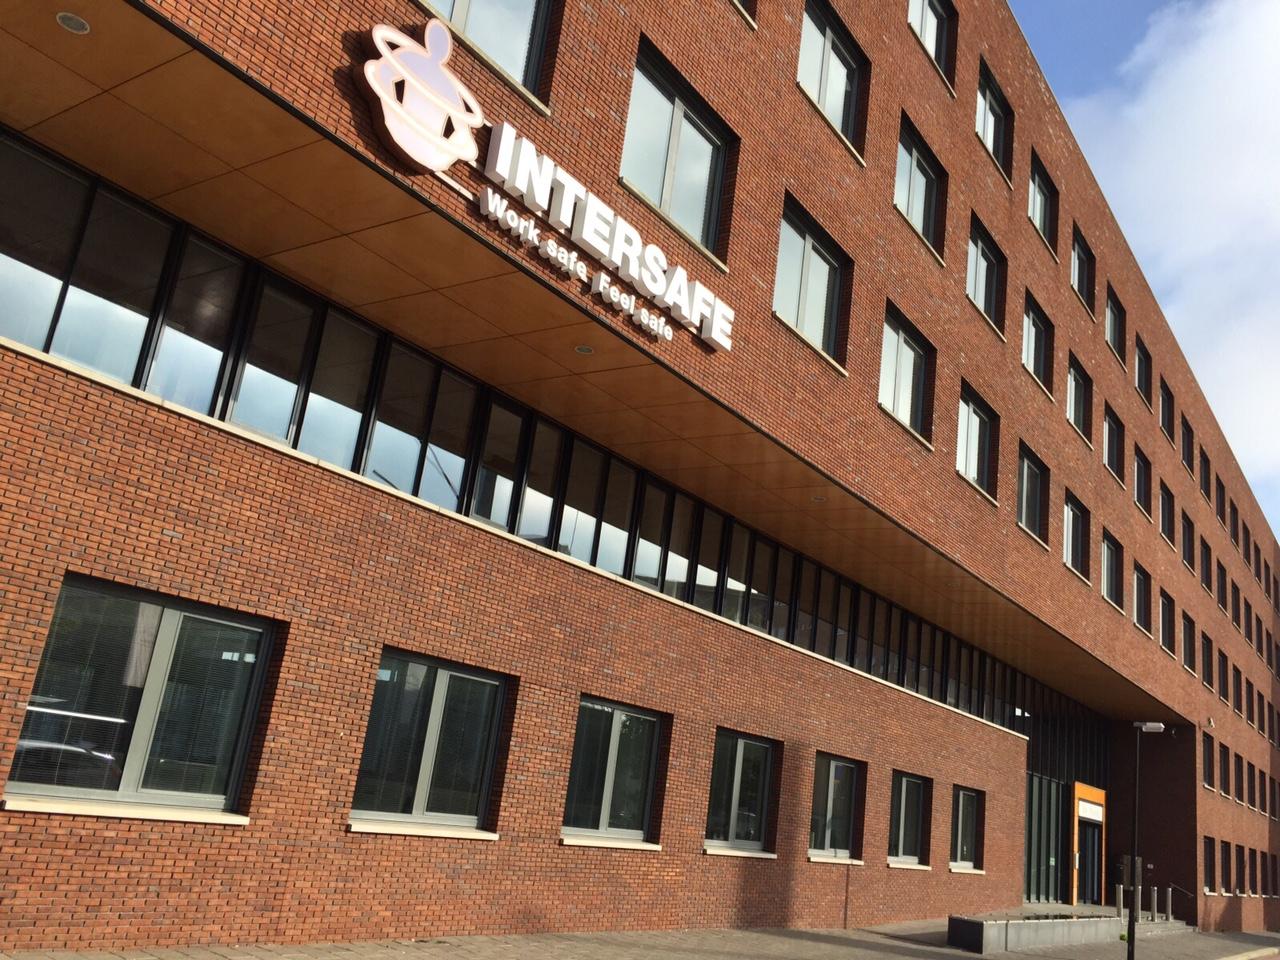 Le siège social européen d'Intersafe a déménagé